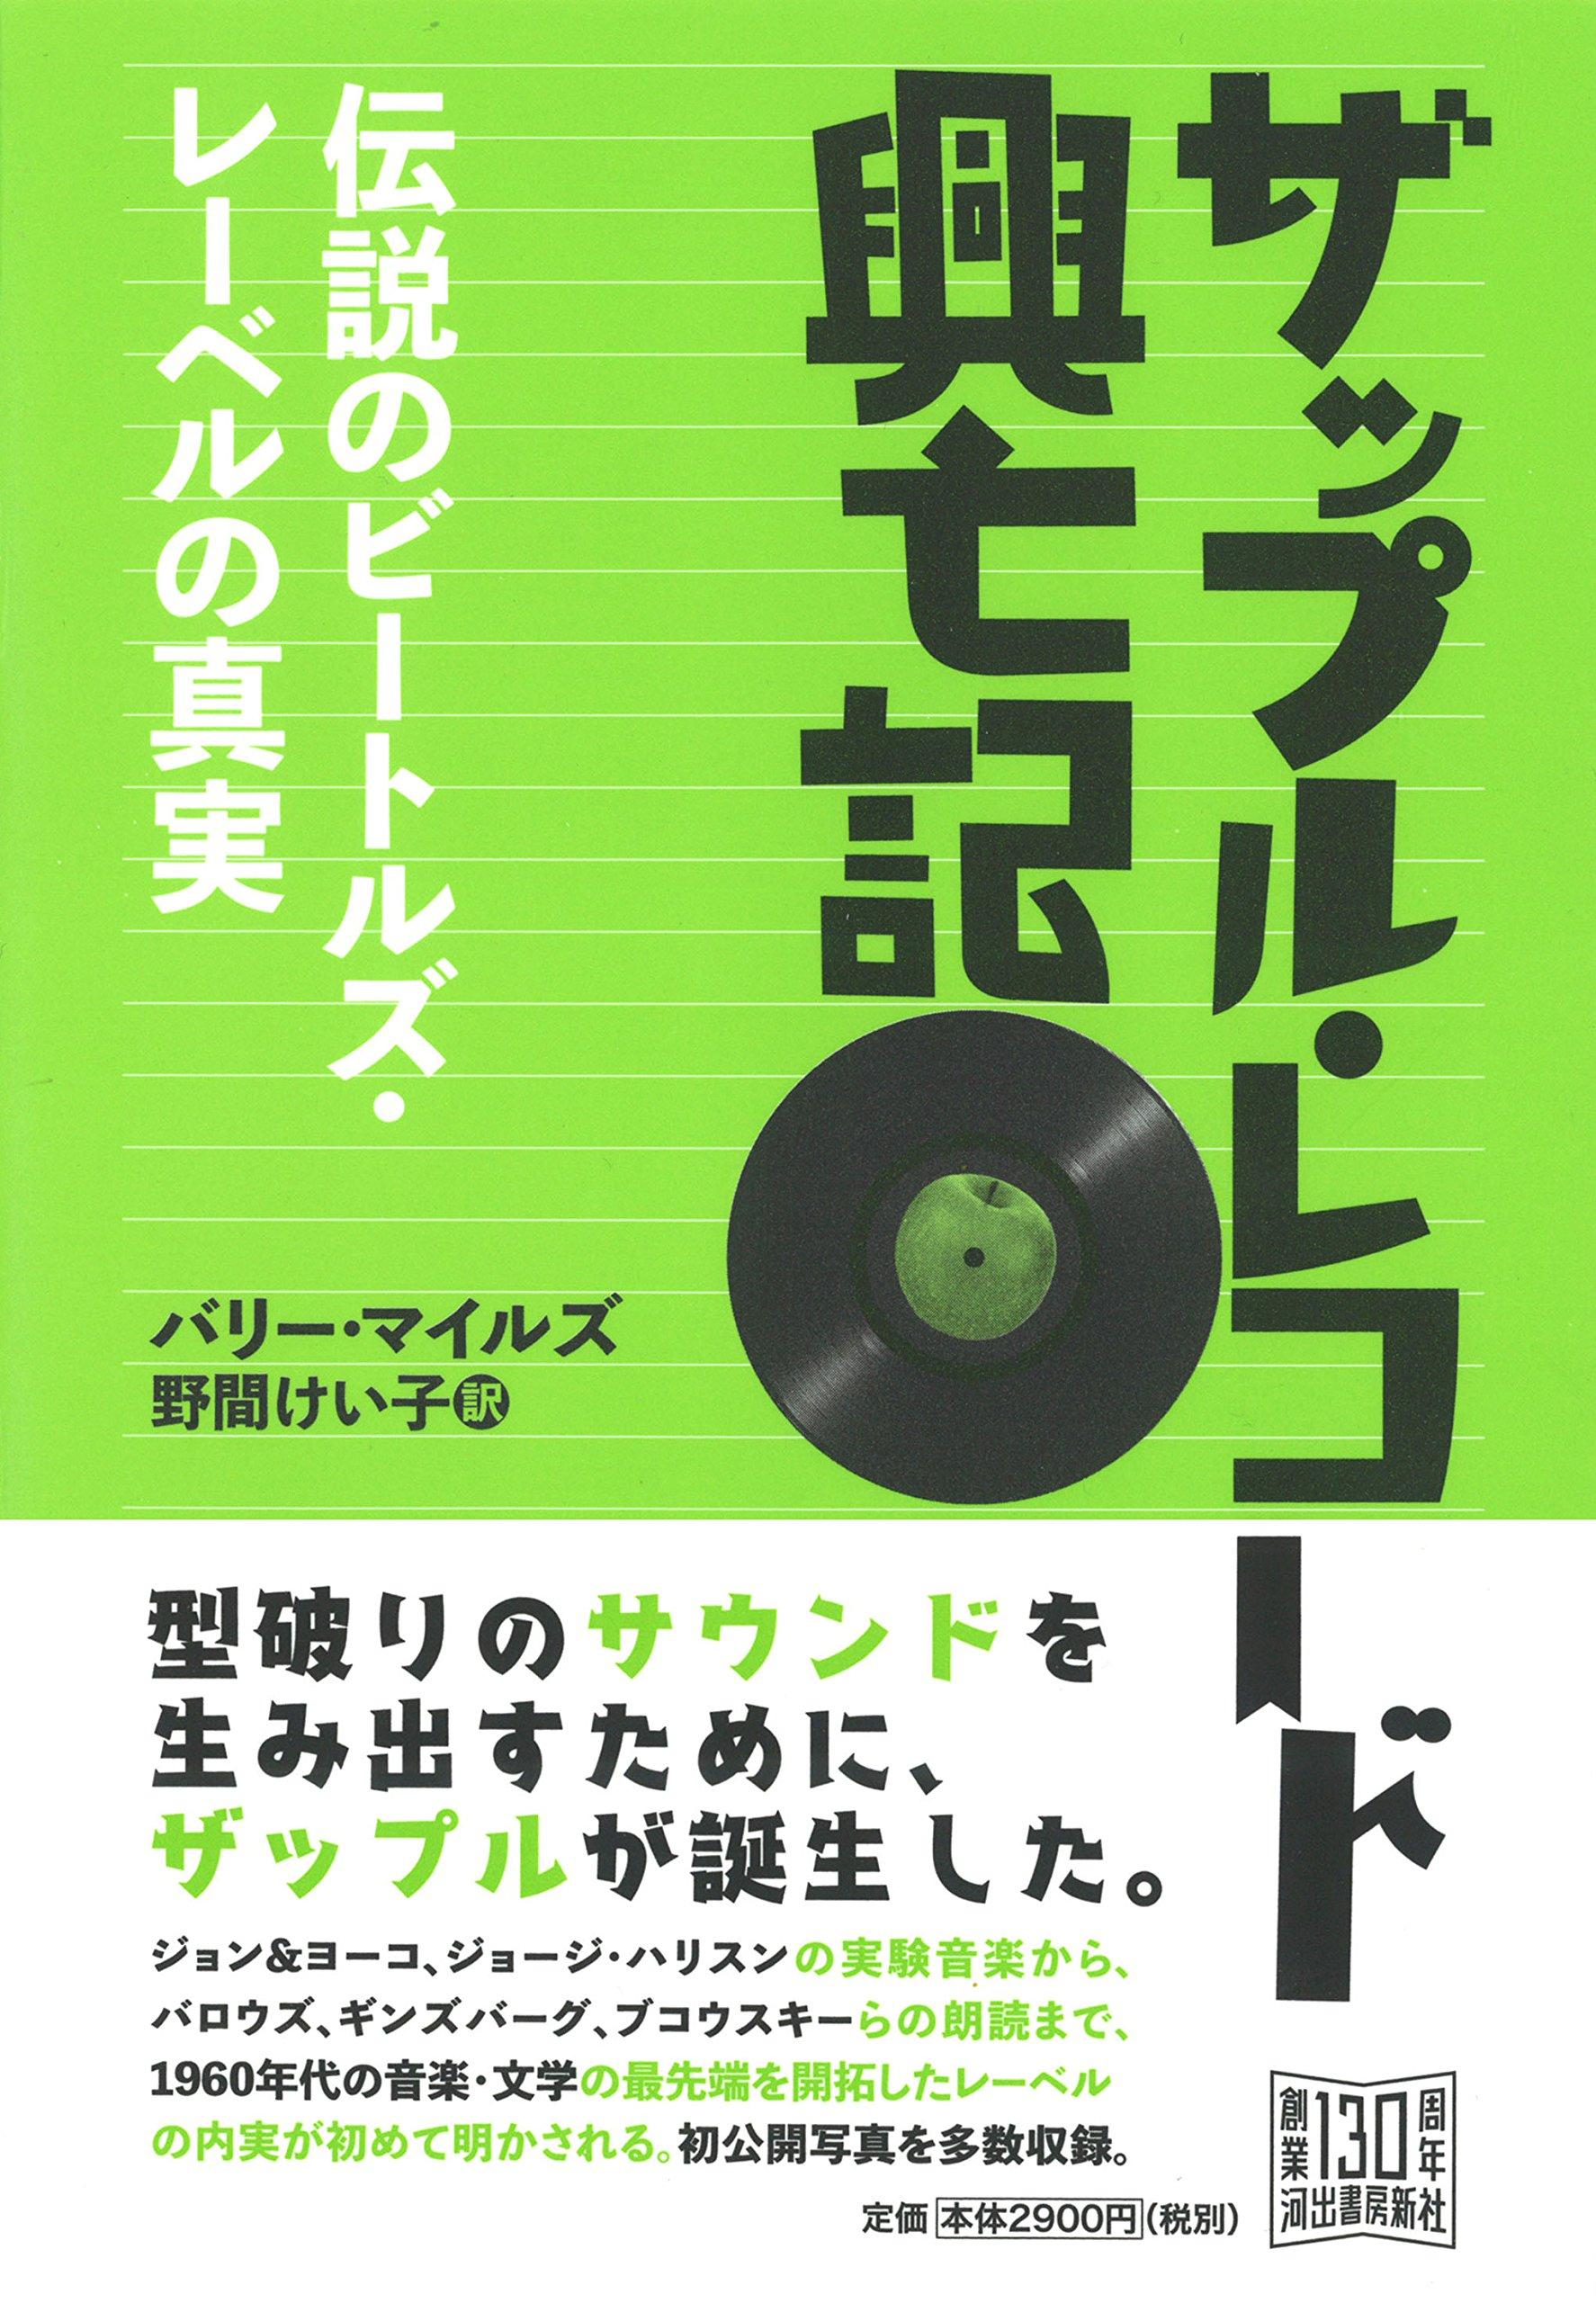 ザップル・レコード興亡記: 伝説...